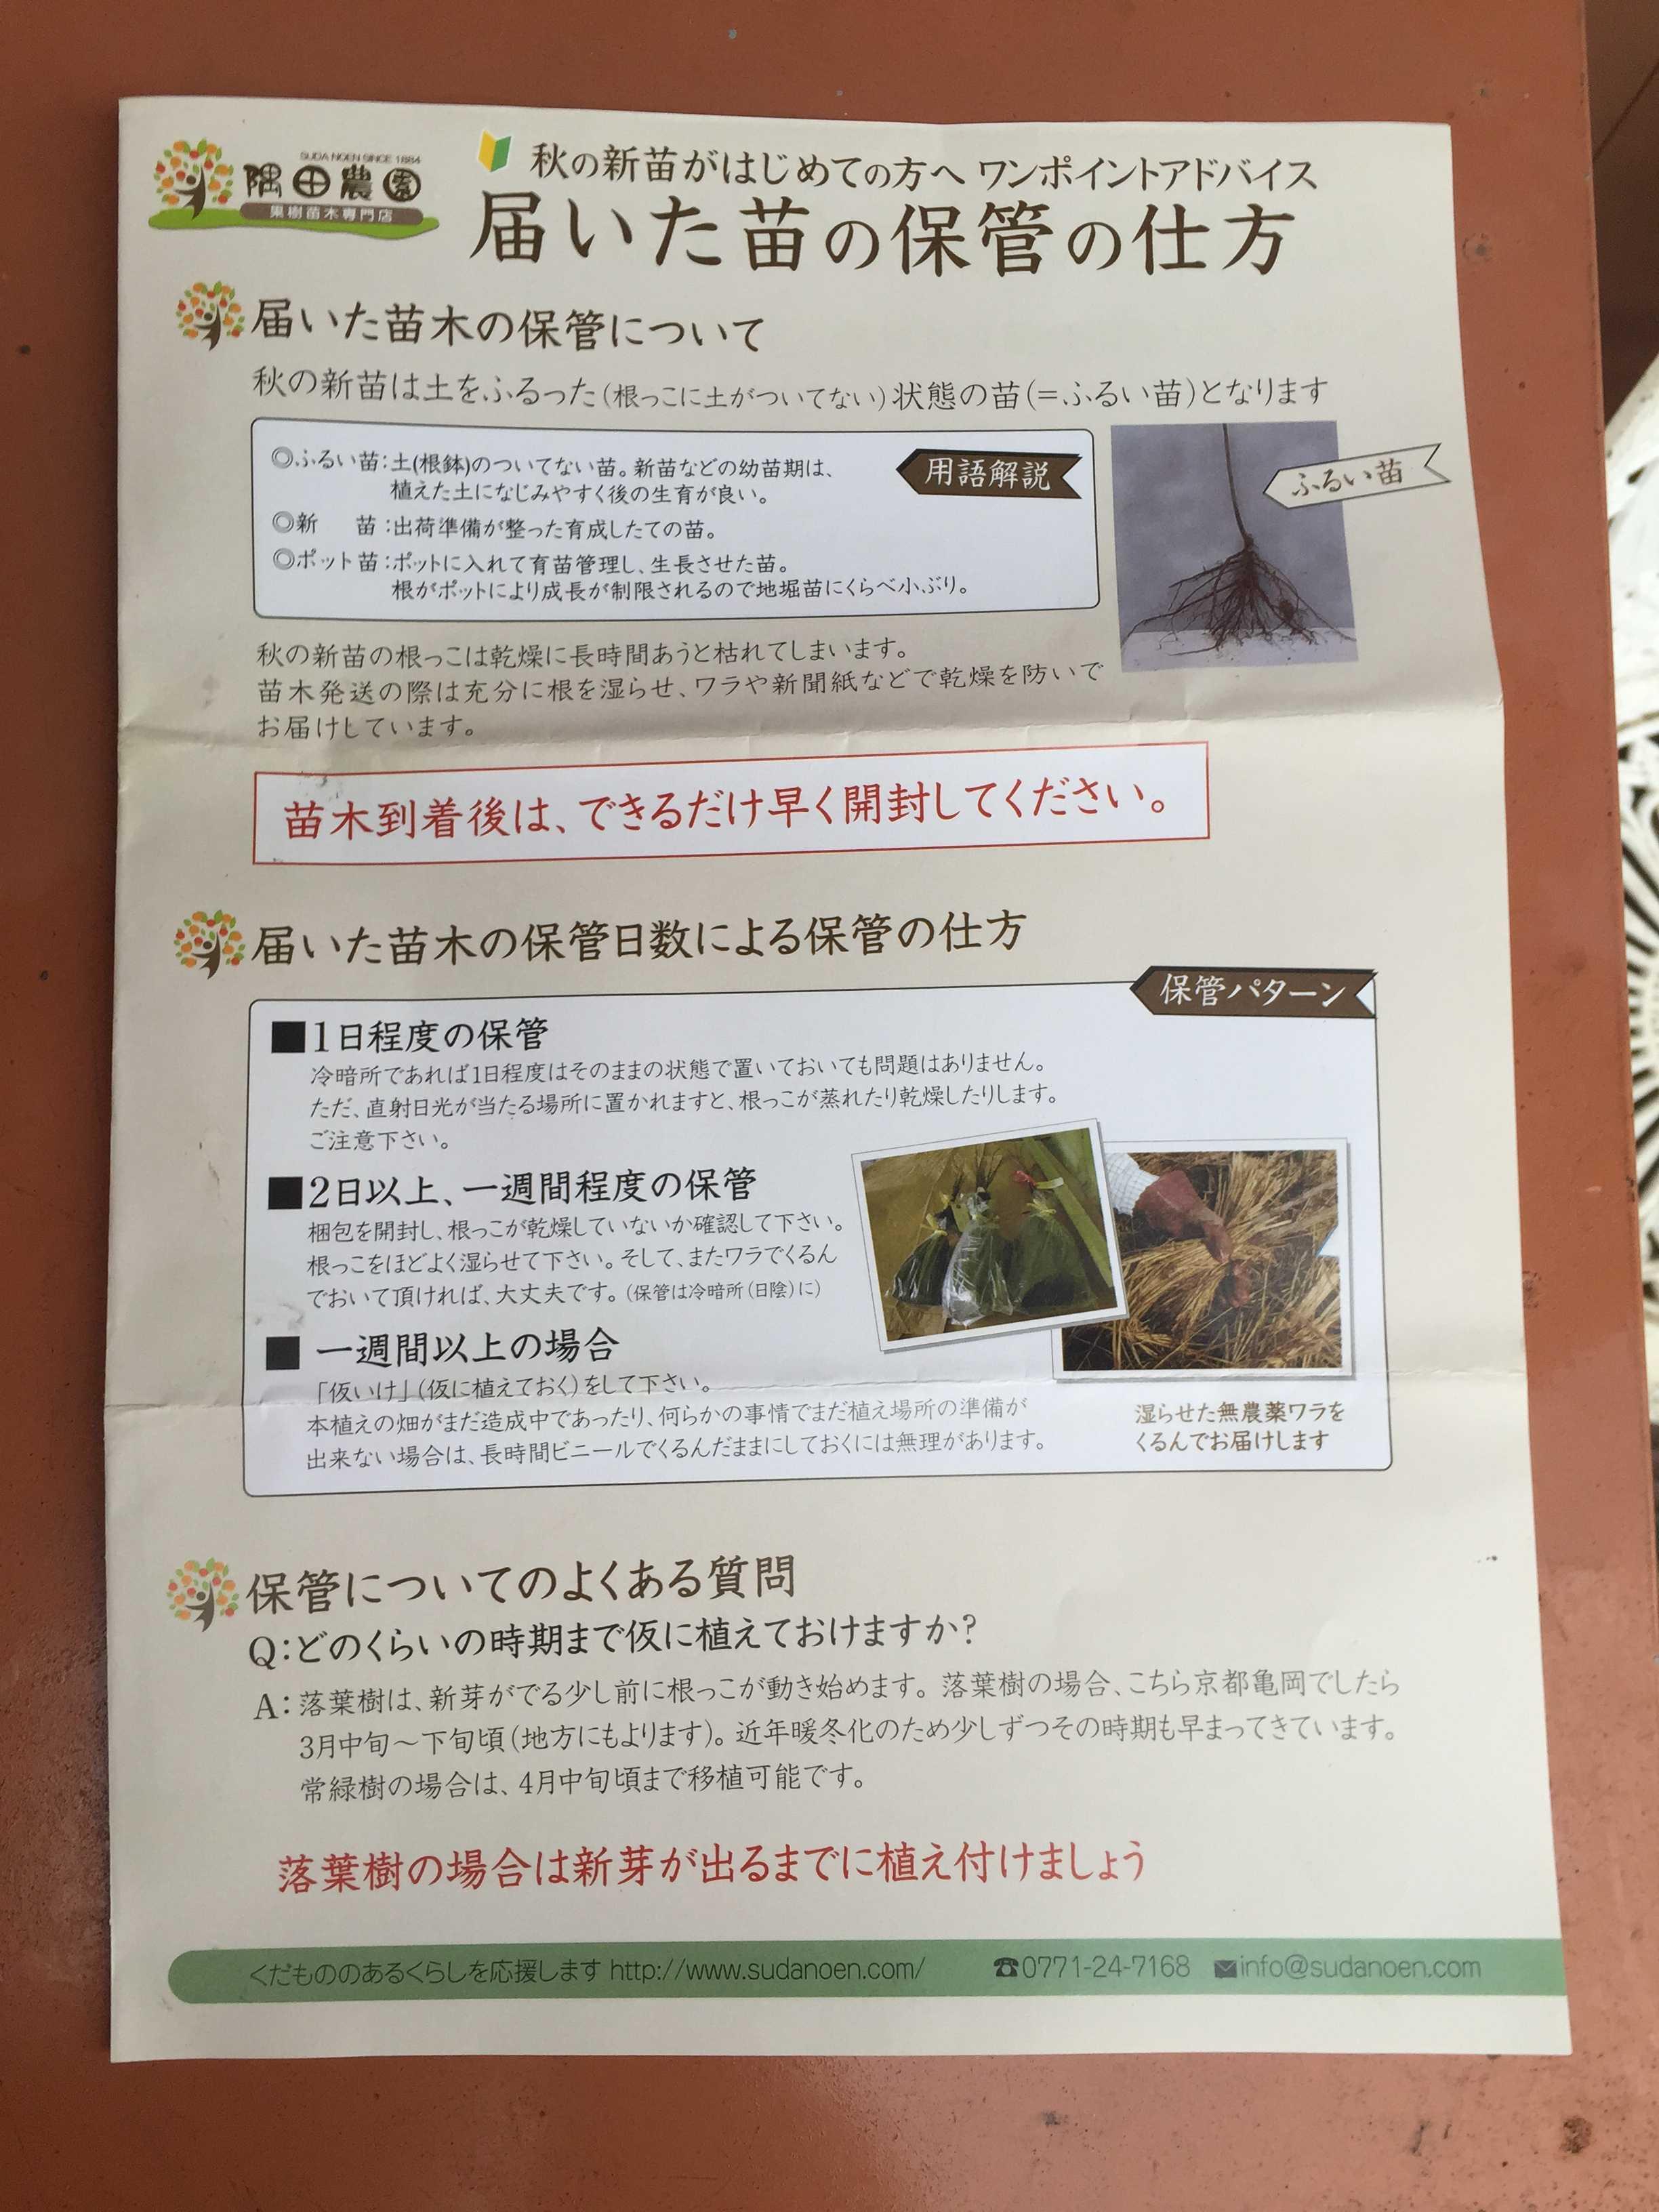 禅寺丸: 届いた苗の保管の仕方